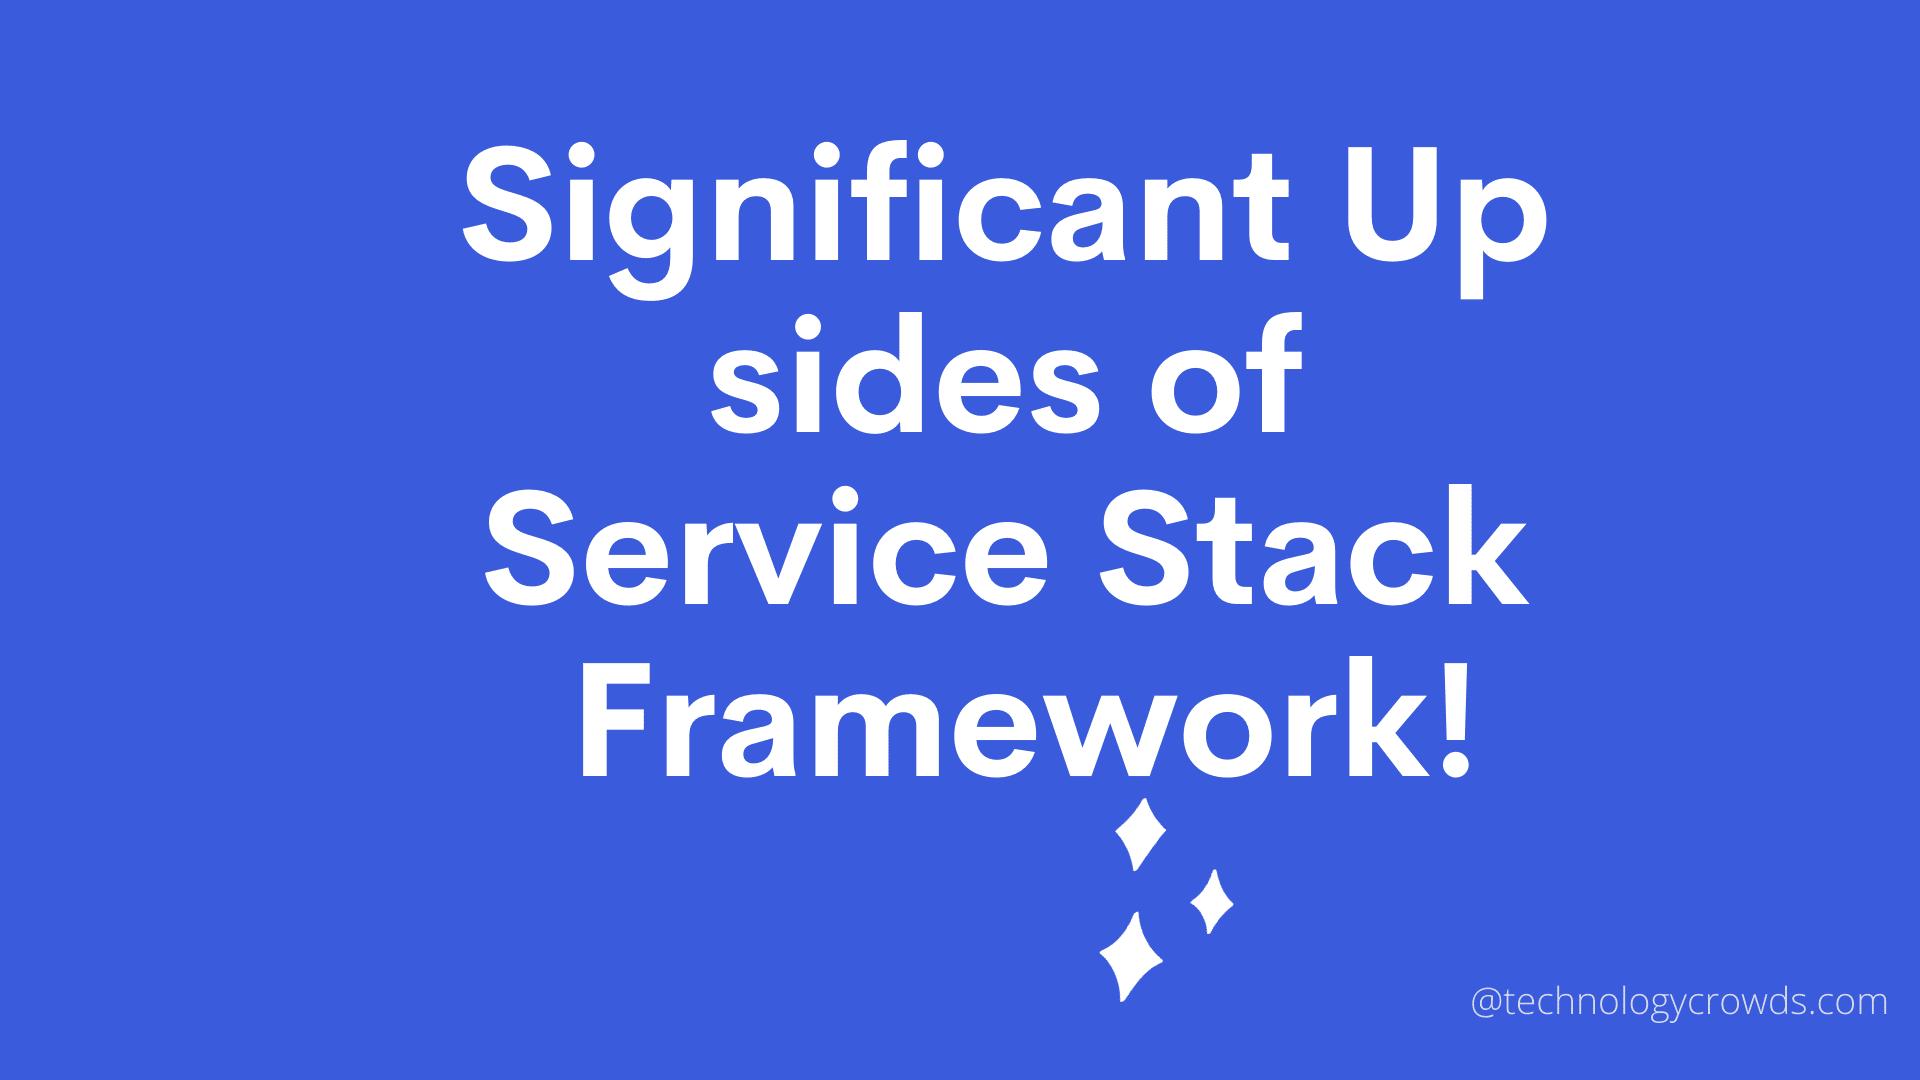 ServiceStack: Significant Up sides of Service stack framework!